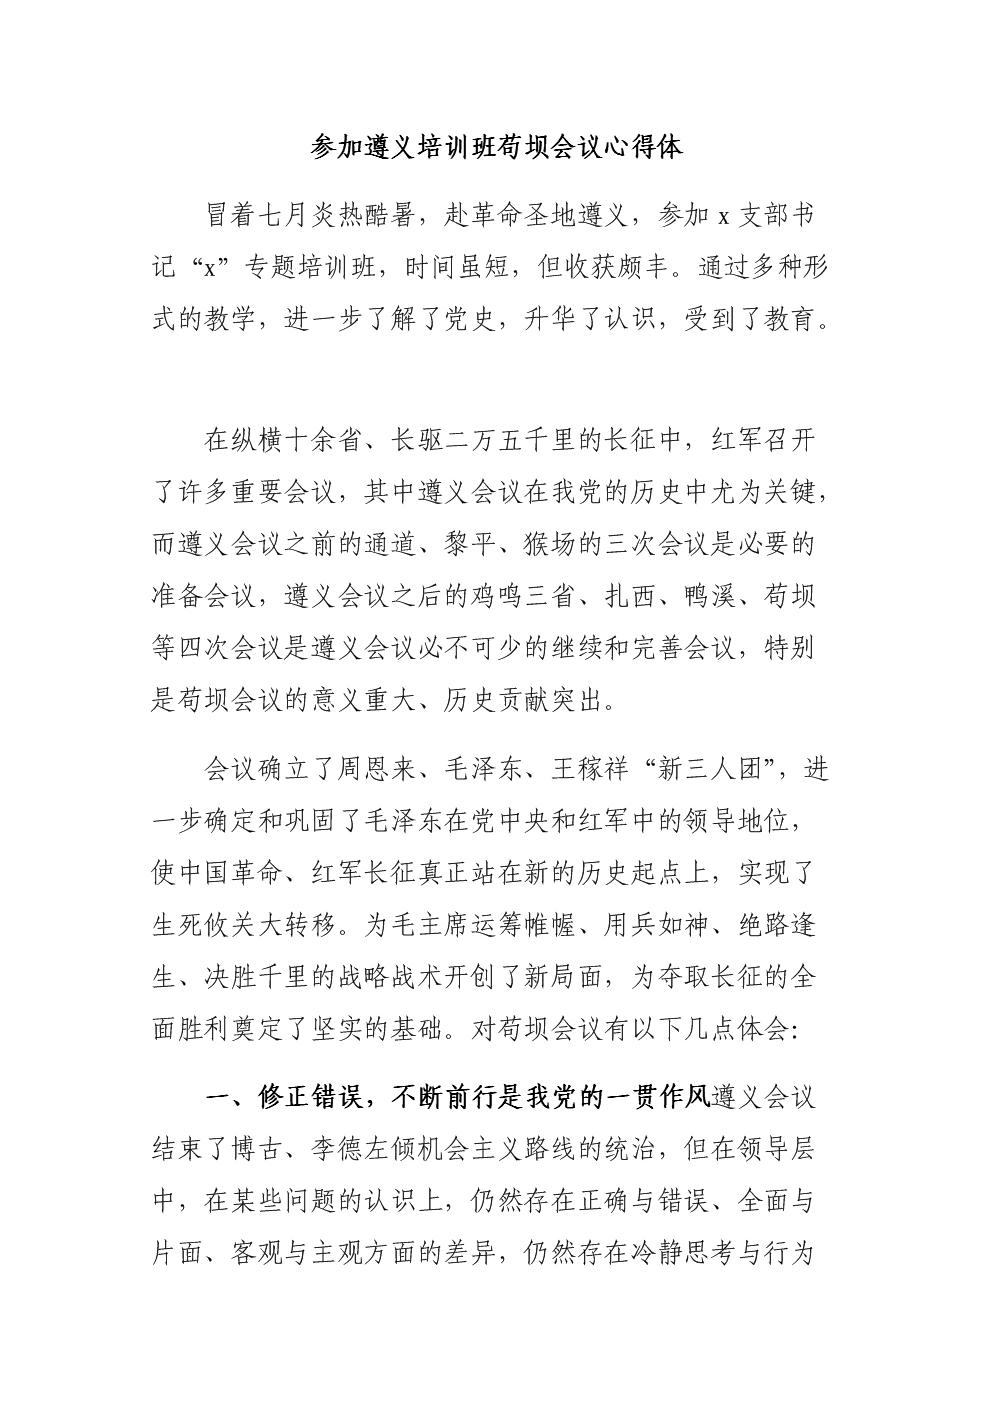 参加遵义培训班苟坝会议心得体.docx